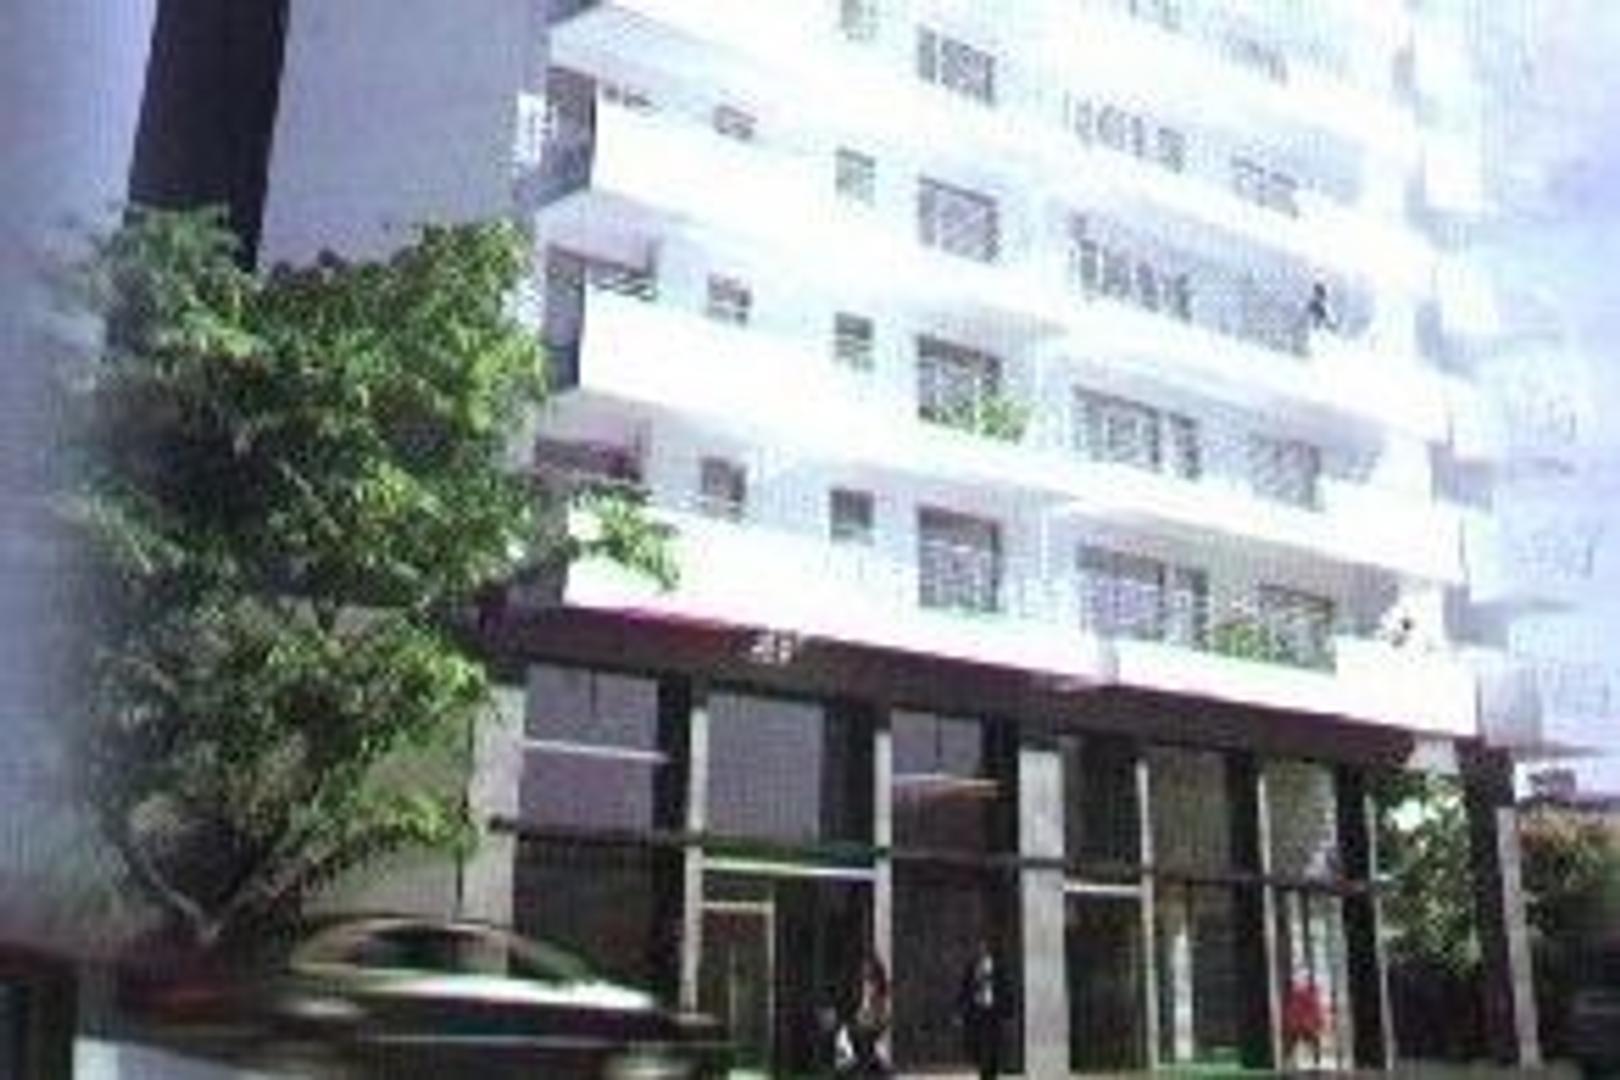 Departamento 2 dormitorios a la venta Rosario. Corrientes y 27 de Febrero. Entrega Inmediata.